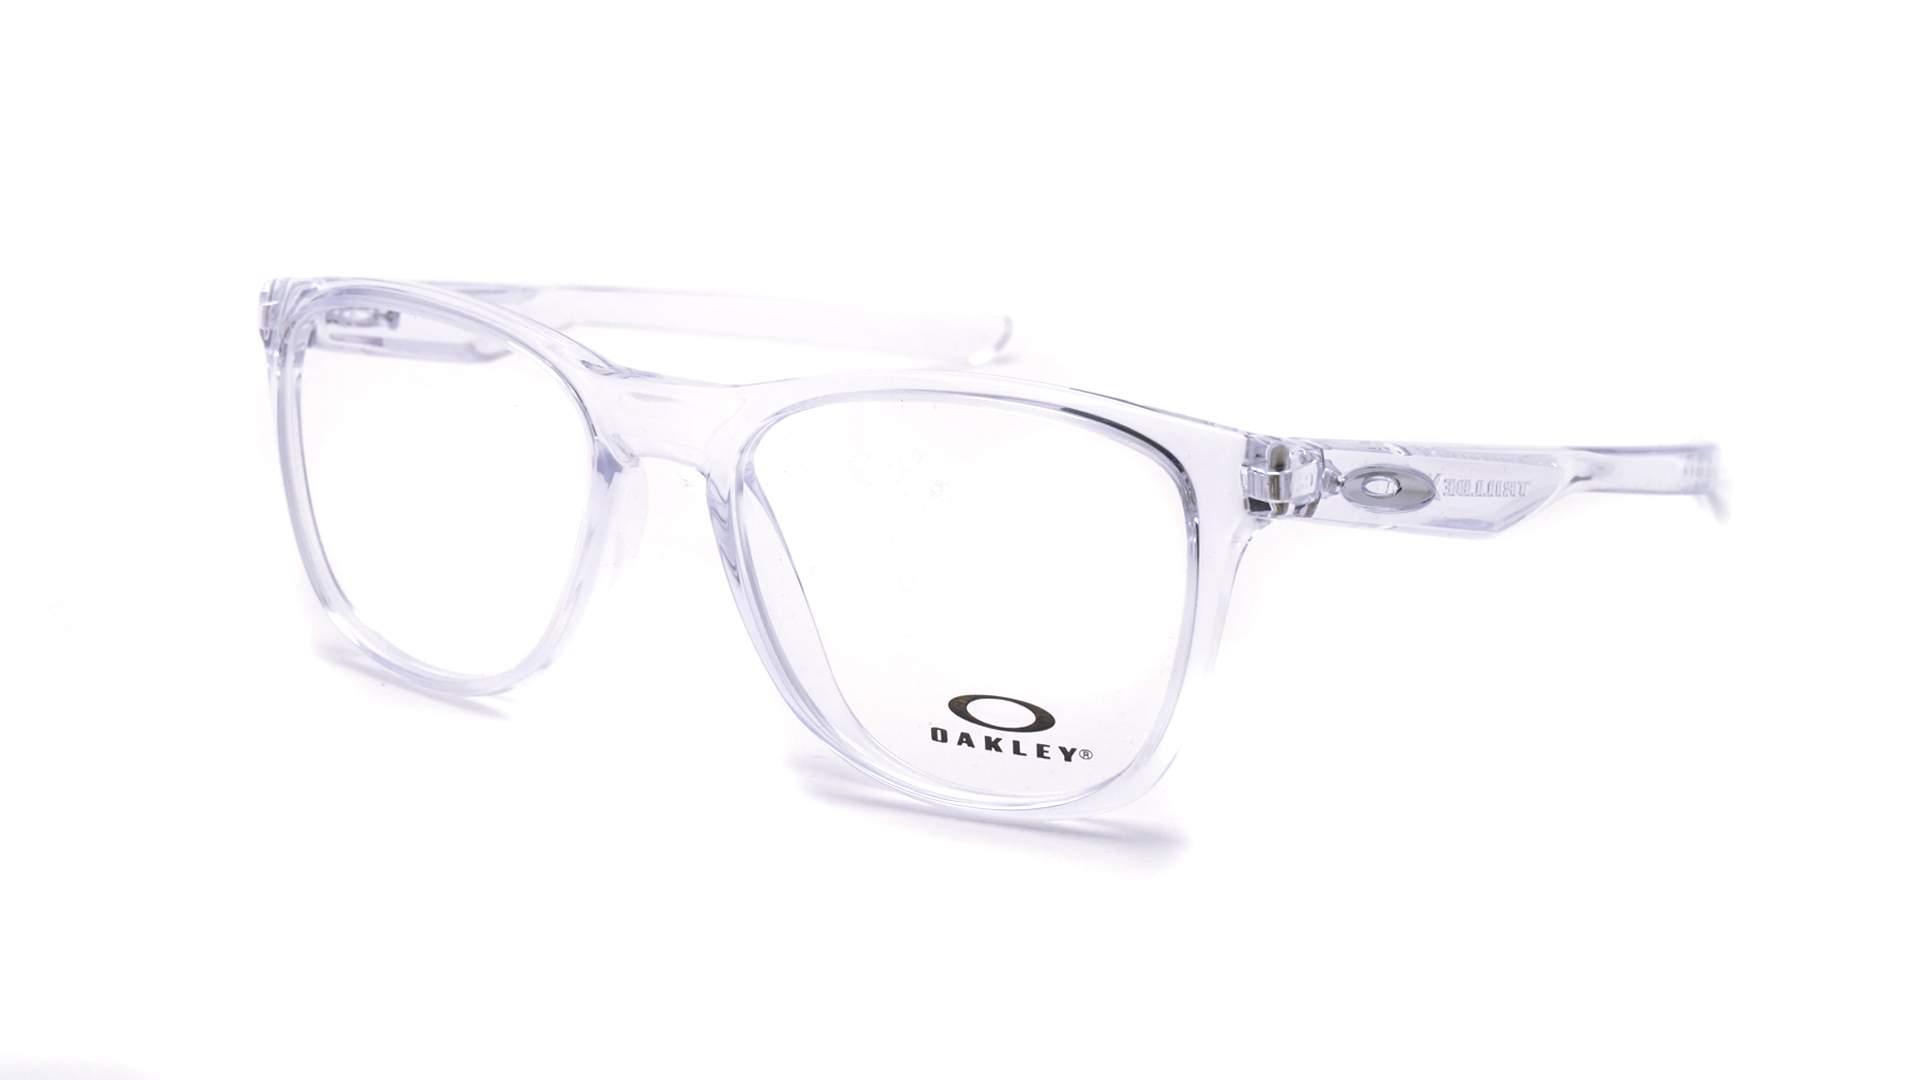 40a626c1fe Eyeglasses Oakley Trillbe x Clear OX8130 03 52-18 Medium